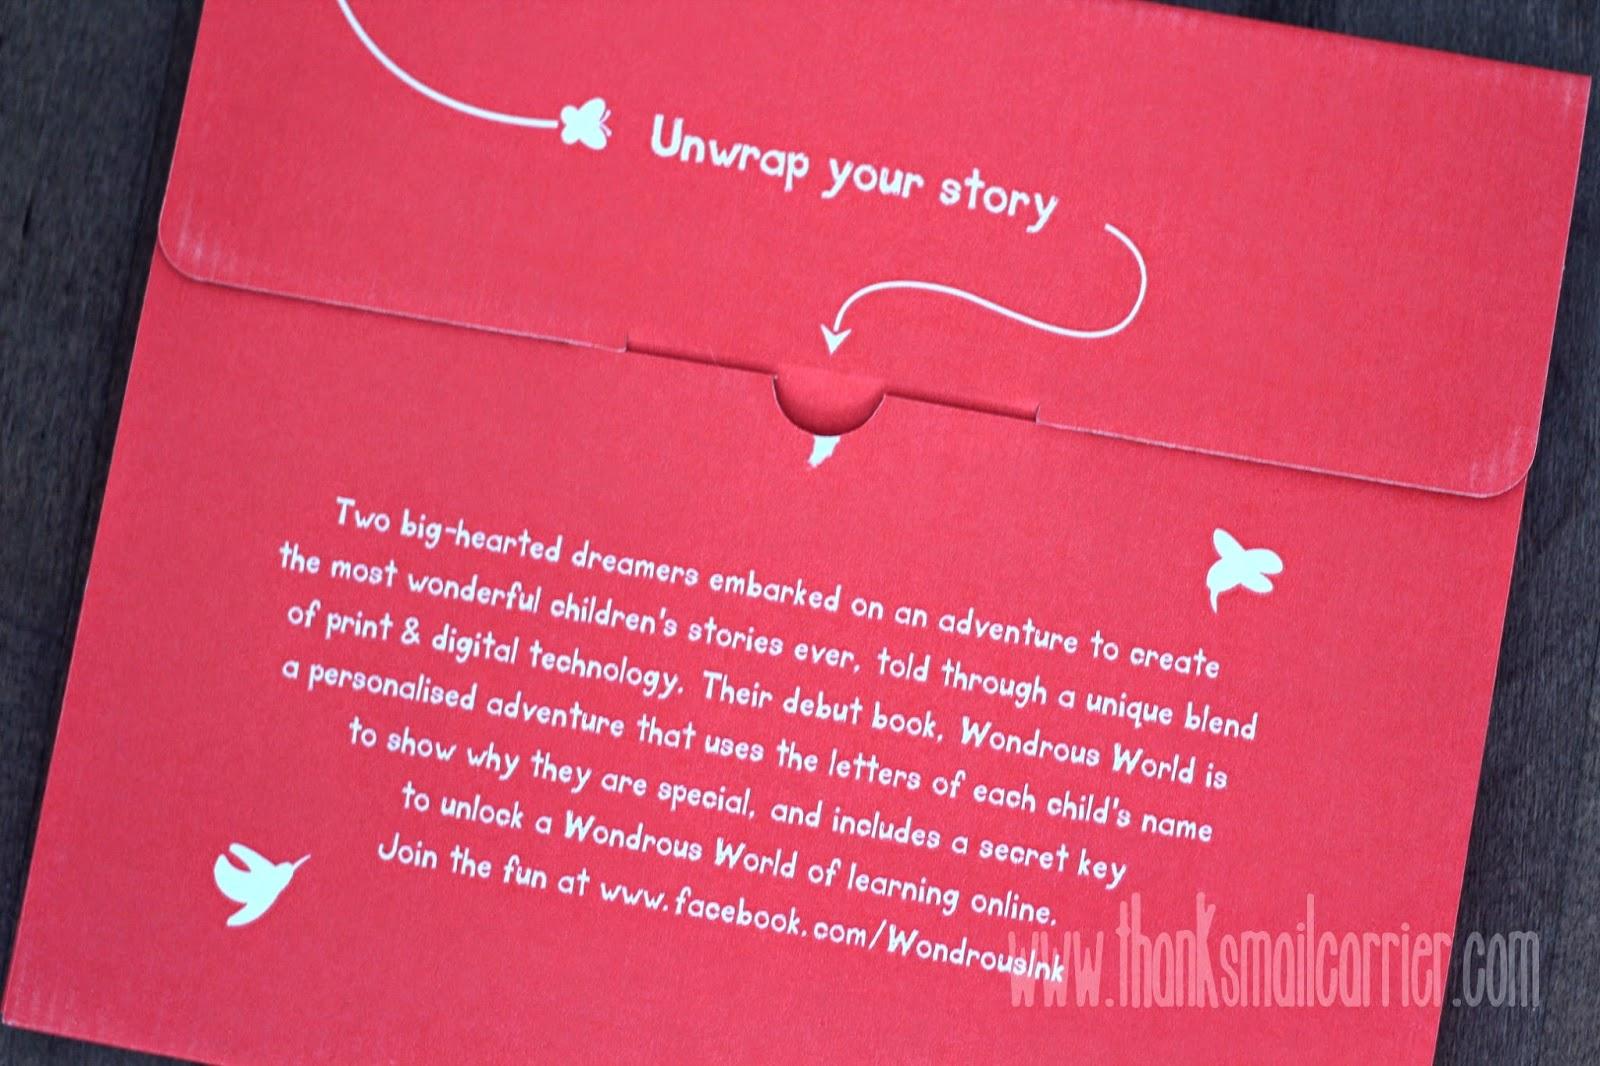 Wondrous Ink story